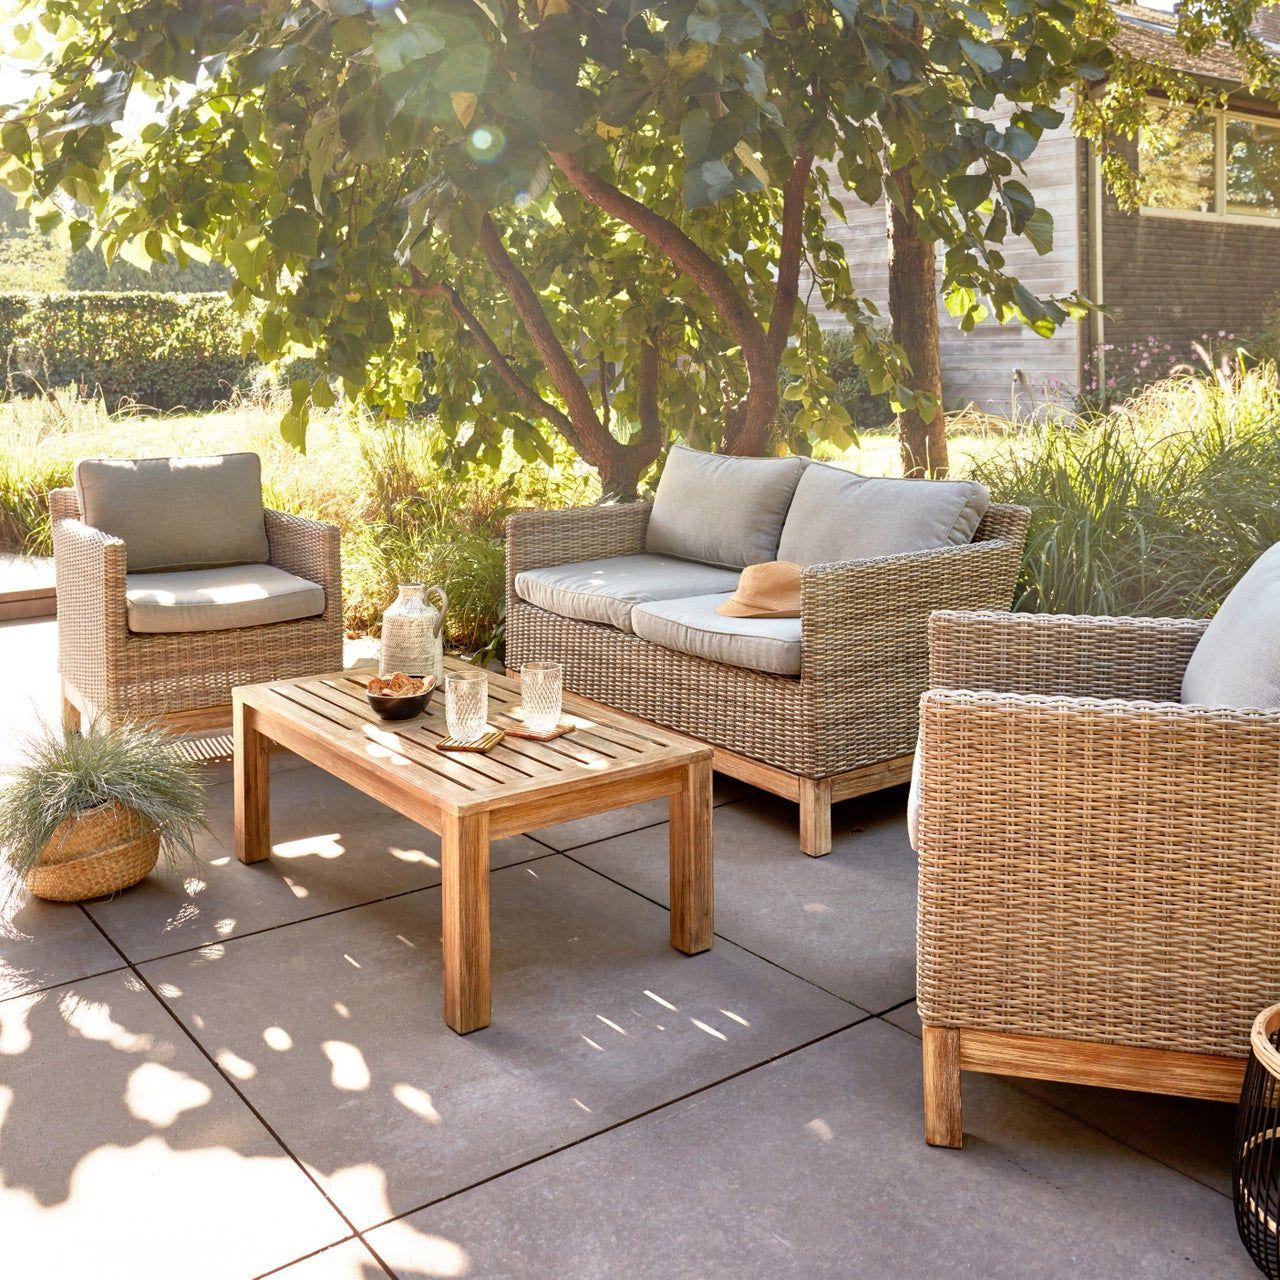 Salon Bas De Jardin Kea Bois Marron 4 Personnes Au Meilleur Prix En Stock Livraison Rapide Dans To En 2020 Meubles De Patio Salon De Jardin Design Mobilier Jardin